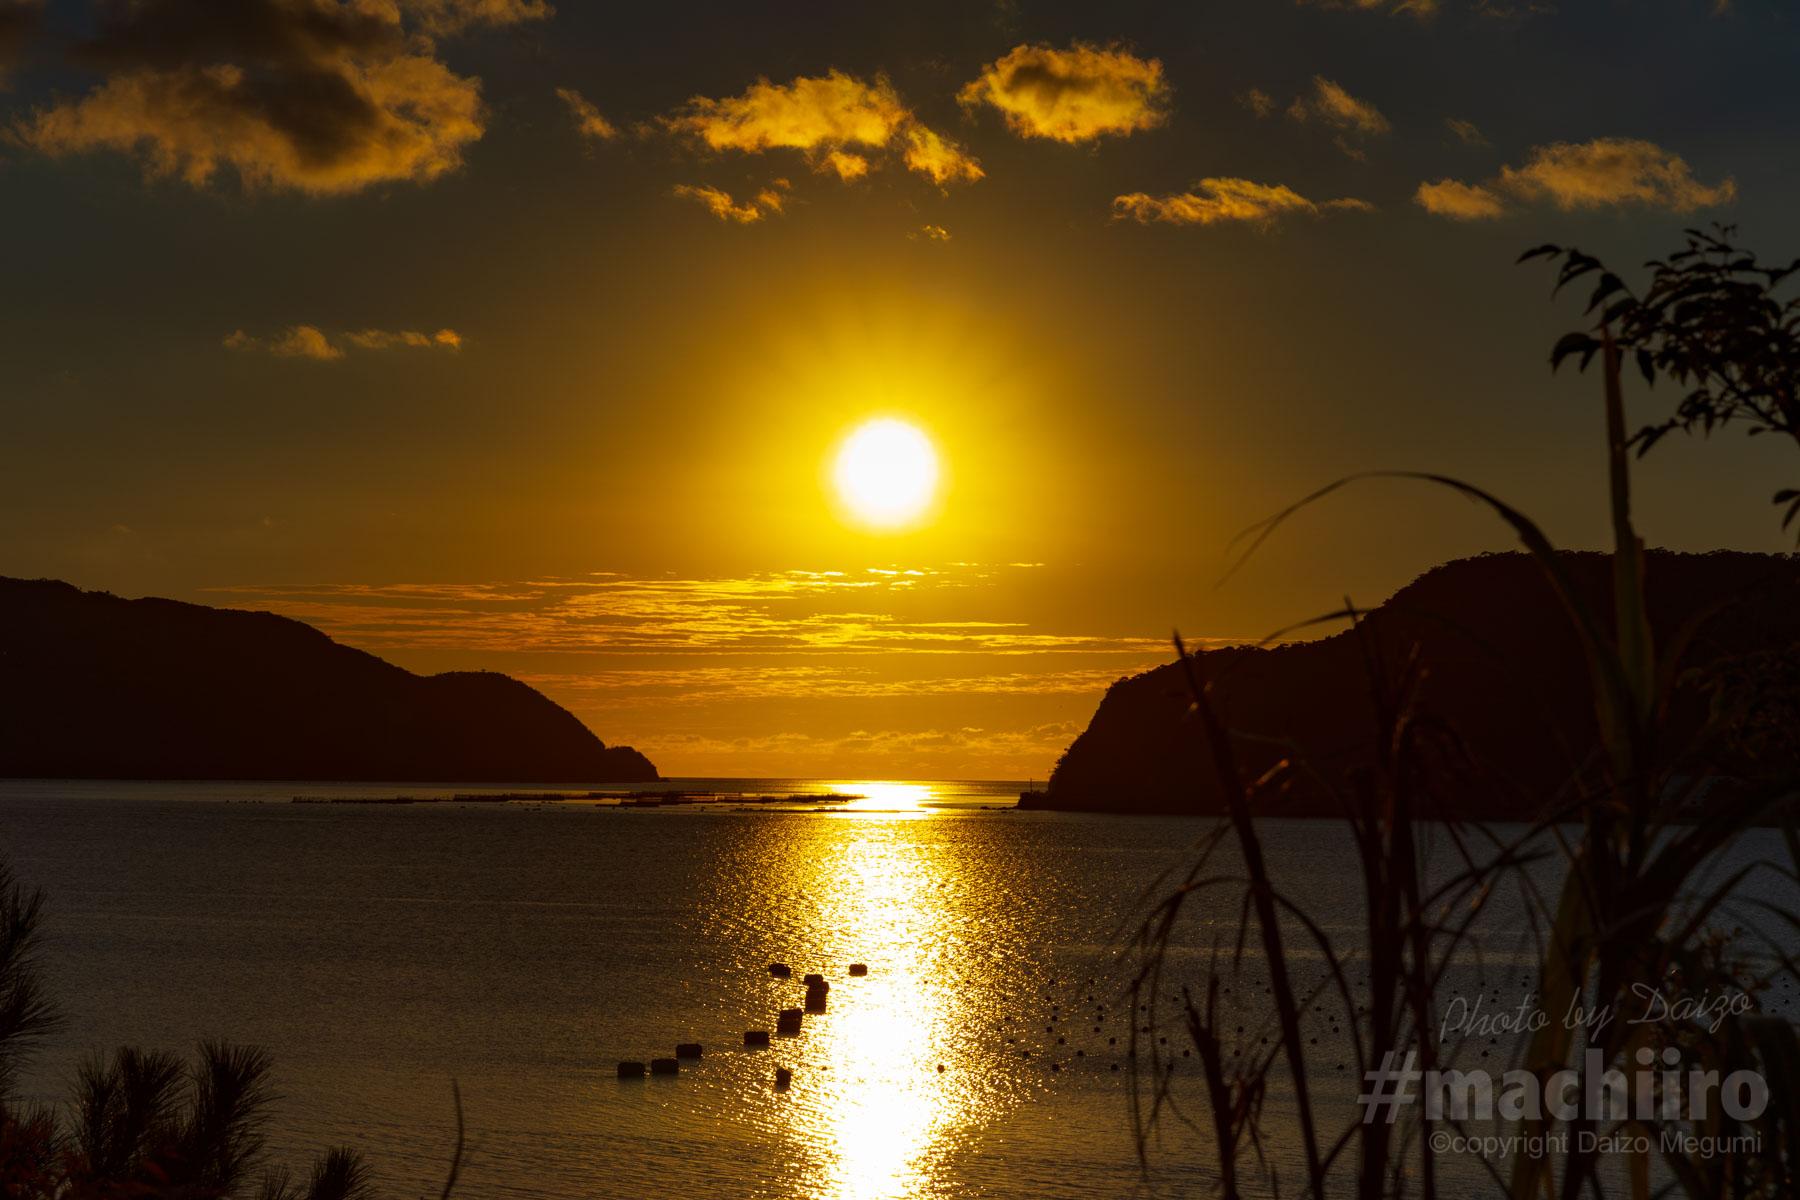 焼内湾に沈む夕日写真